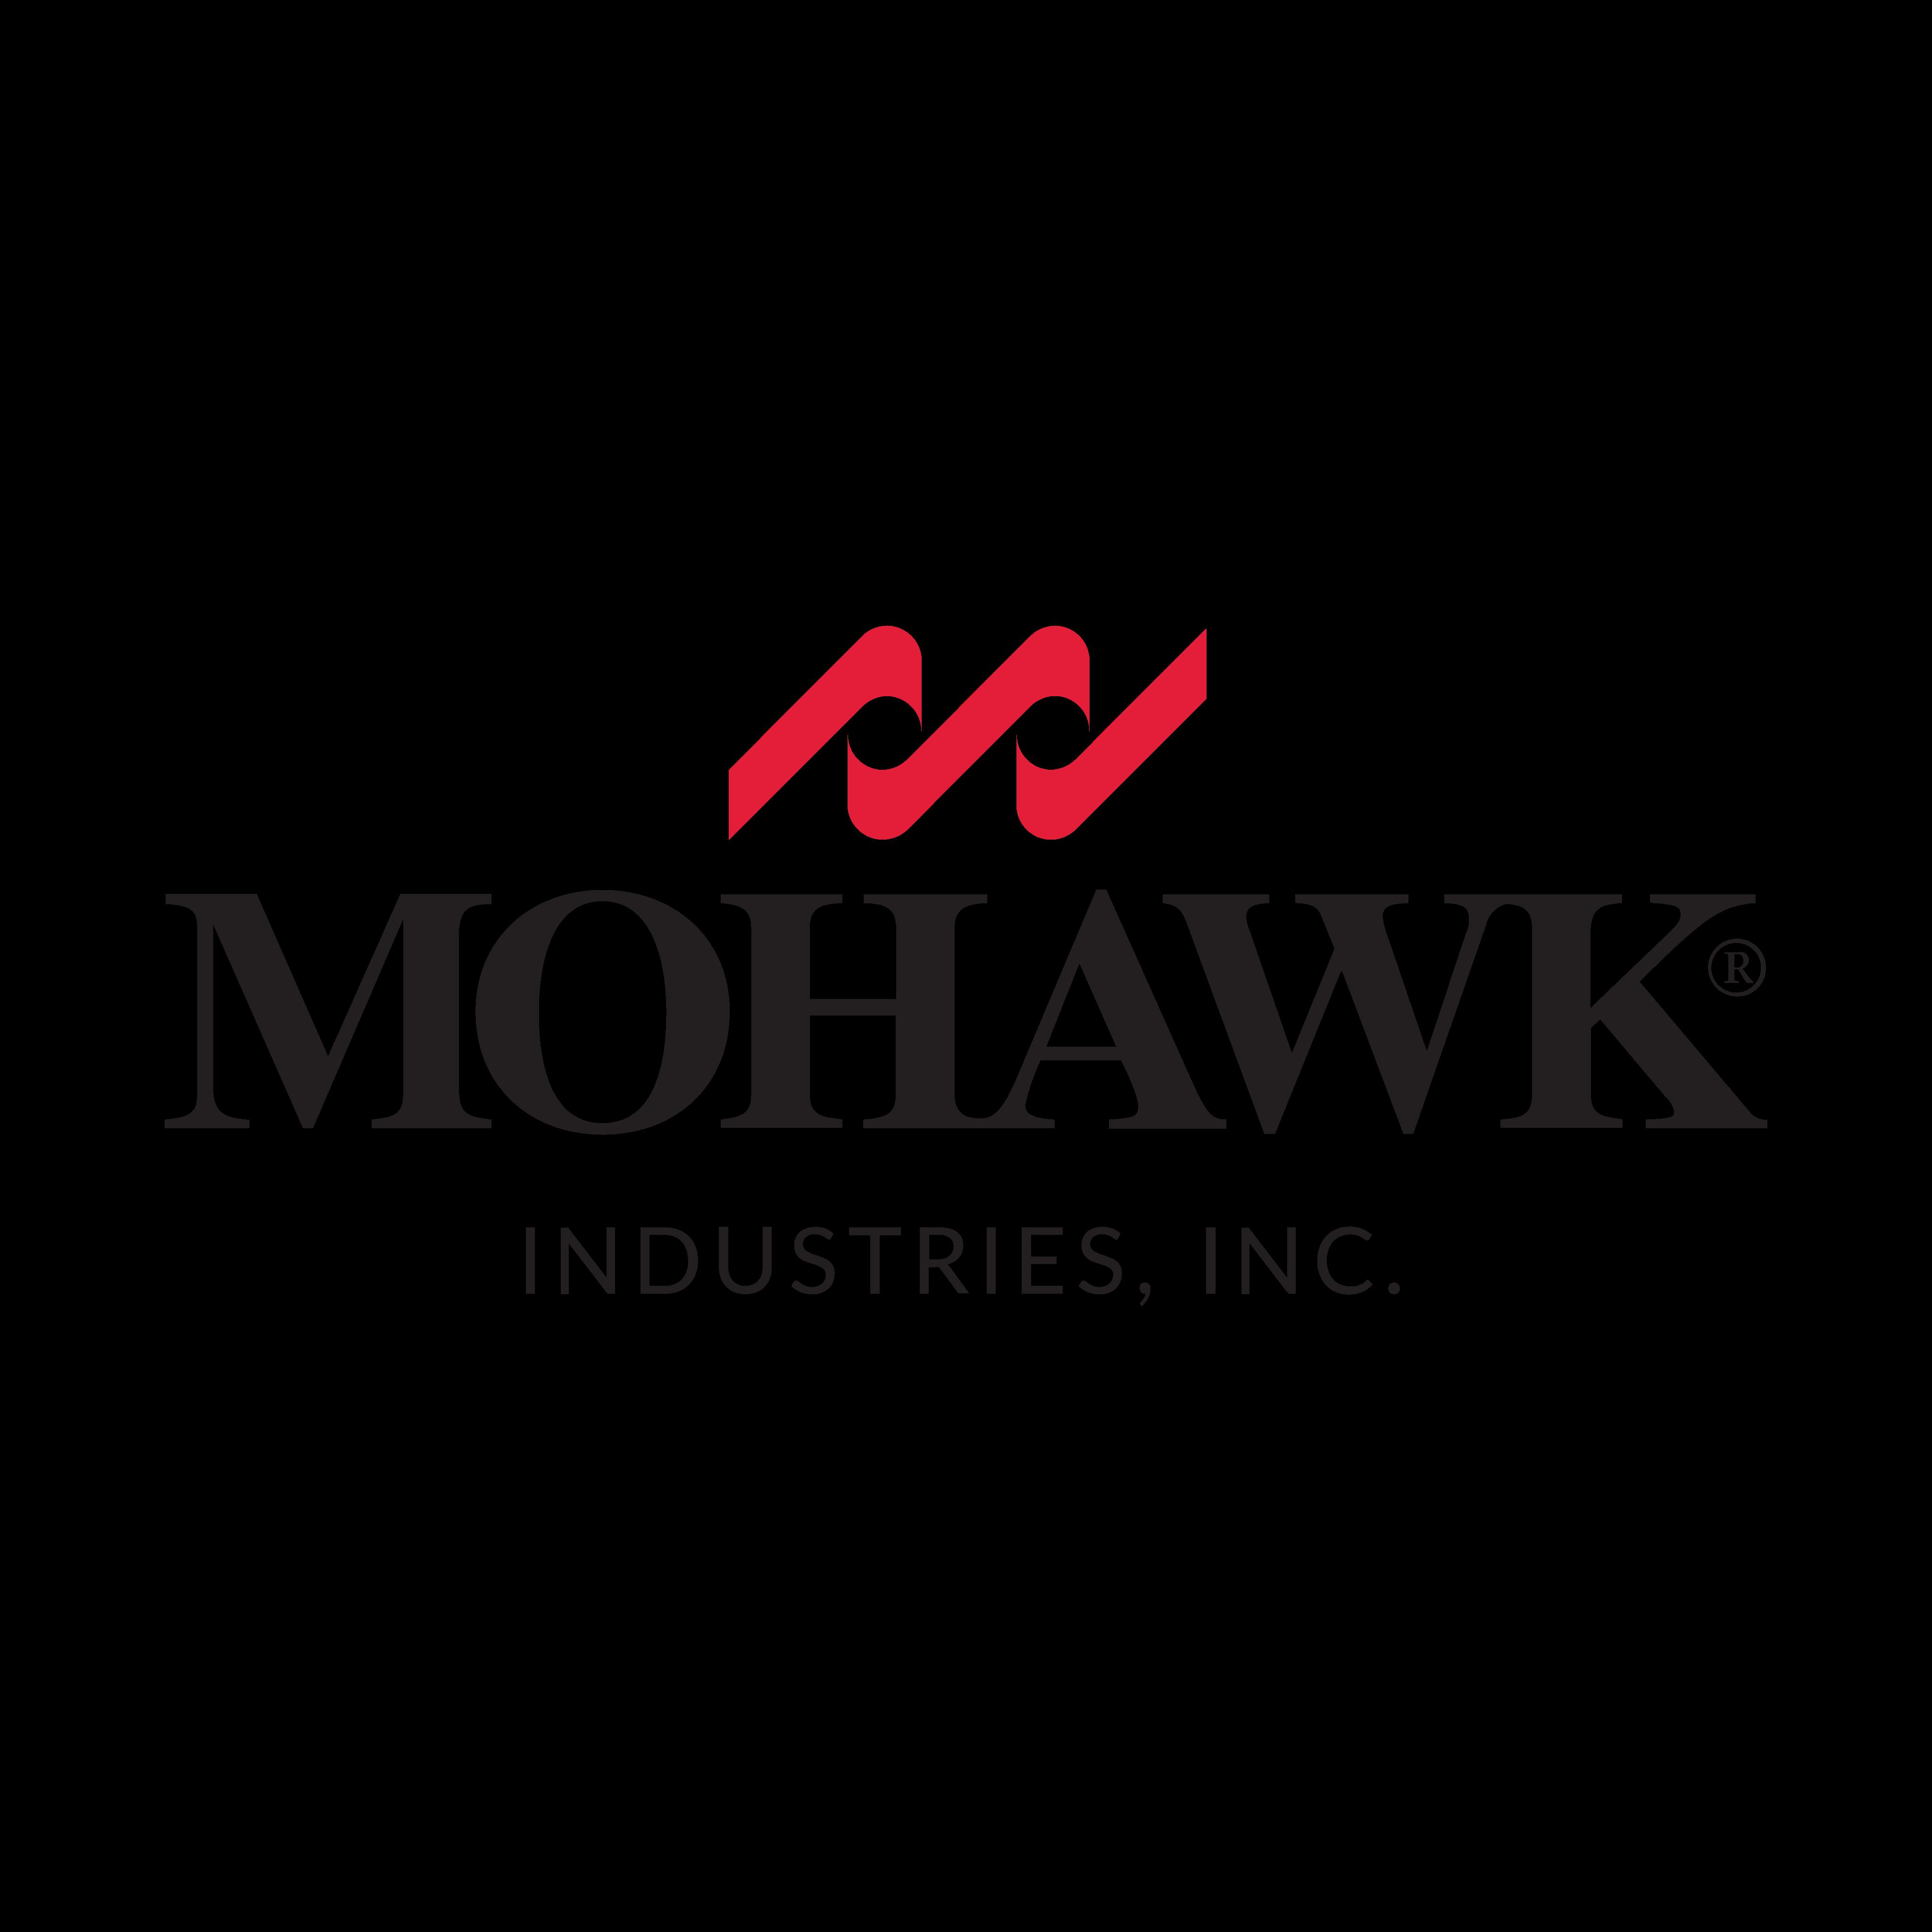 mohawk logo 0 - Mohawk Industries Logo